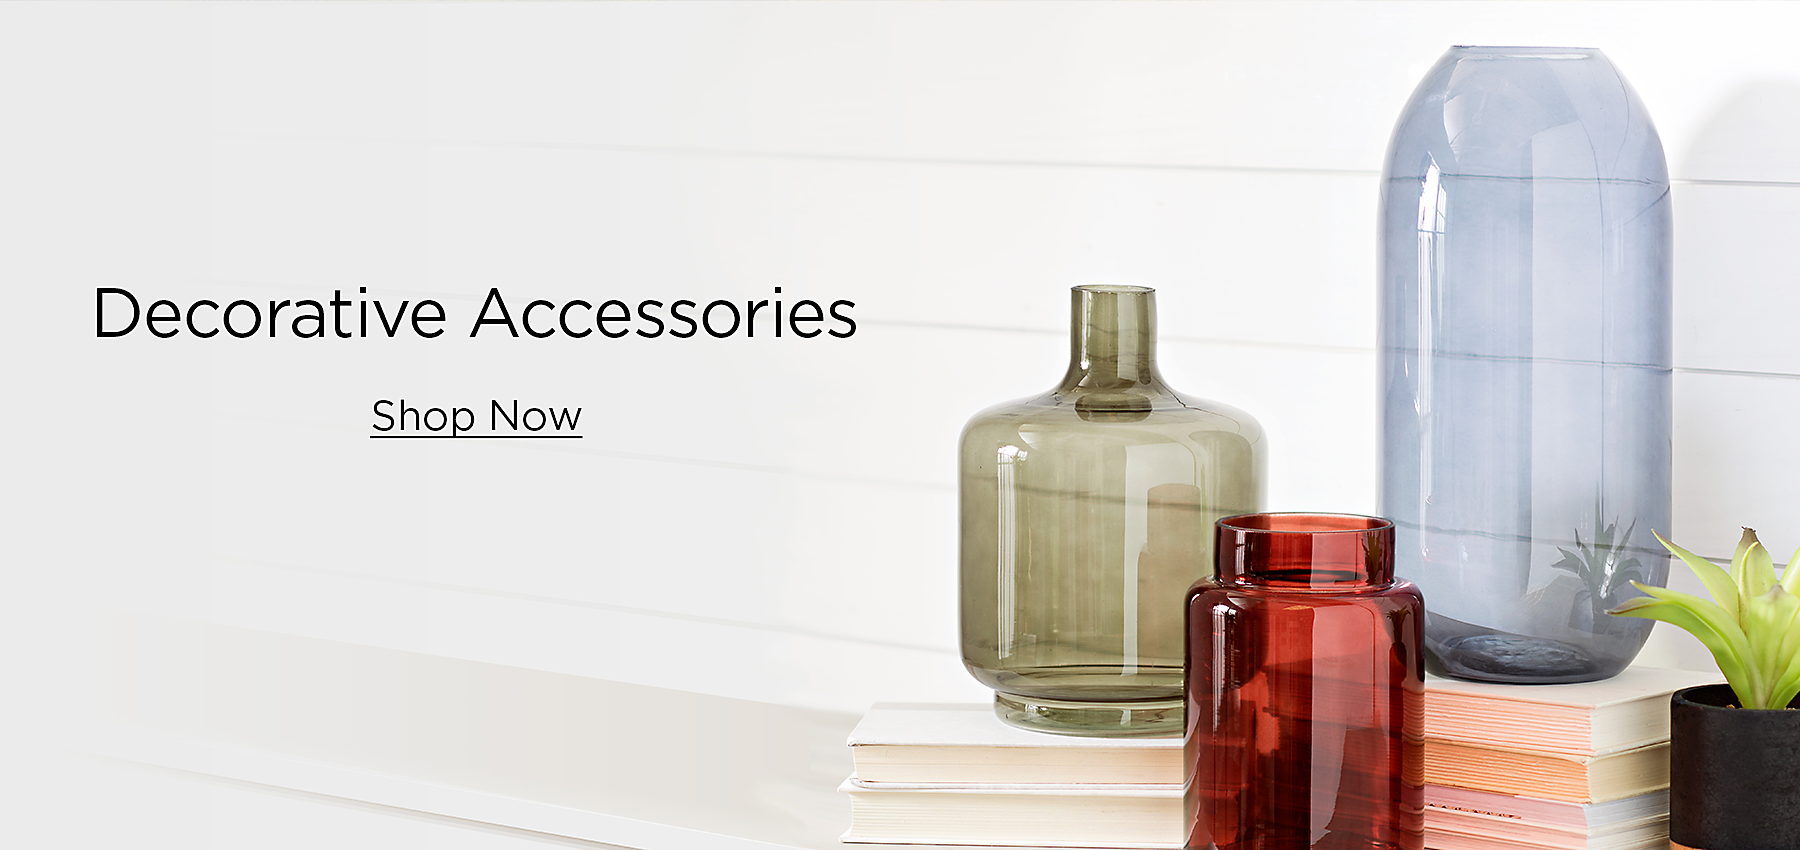 Decorative Accessories Shop Now